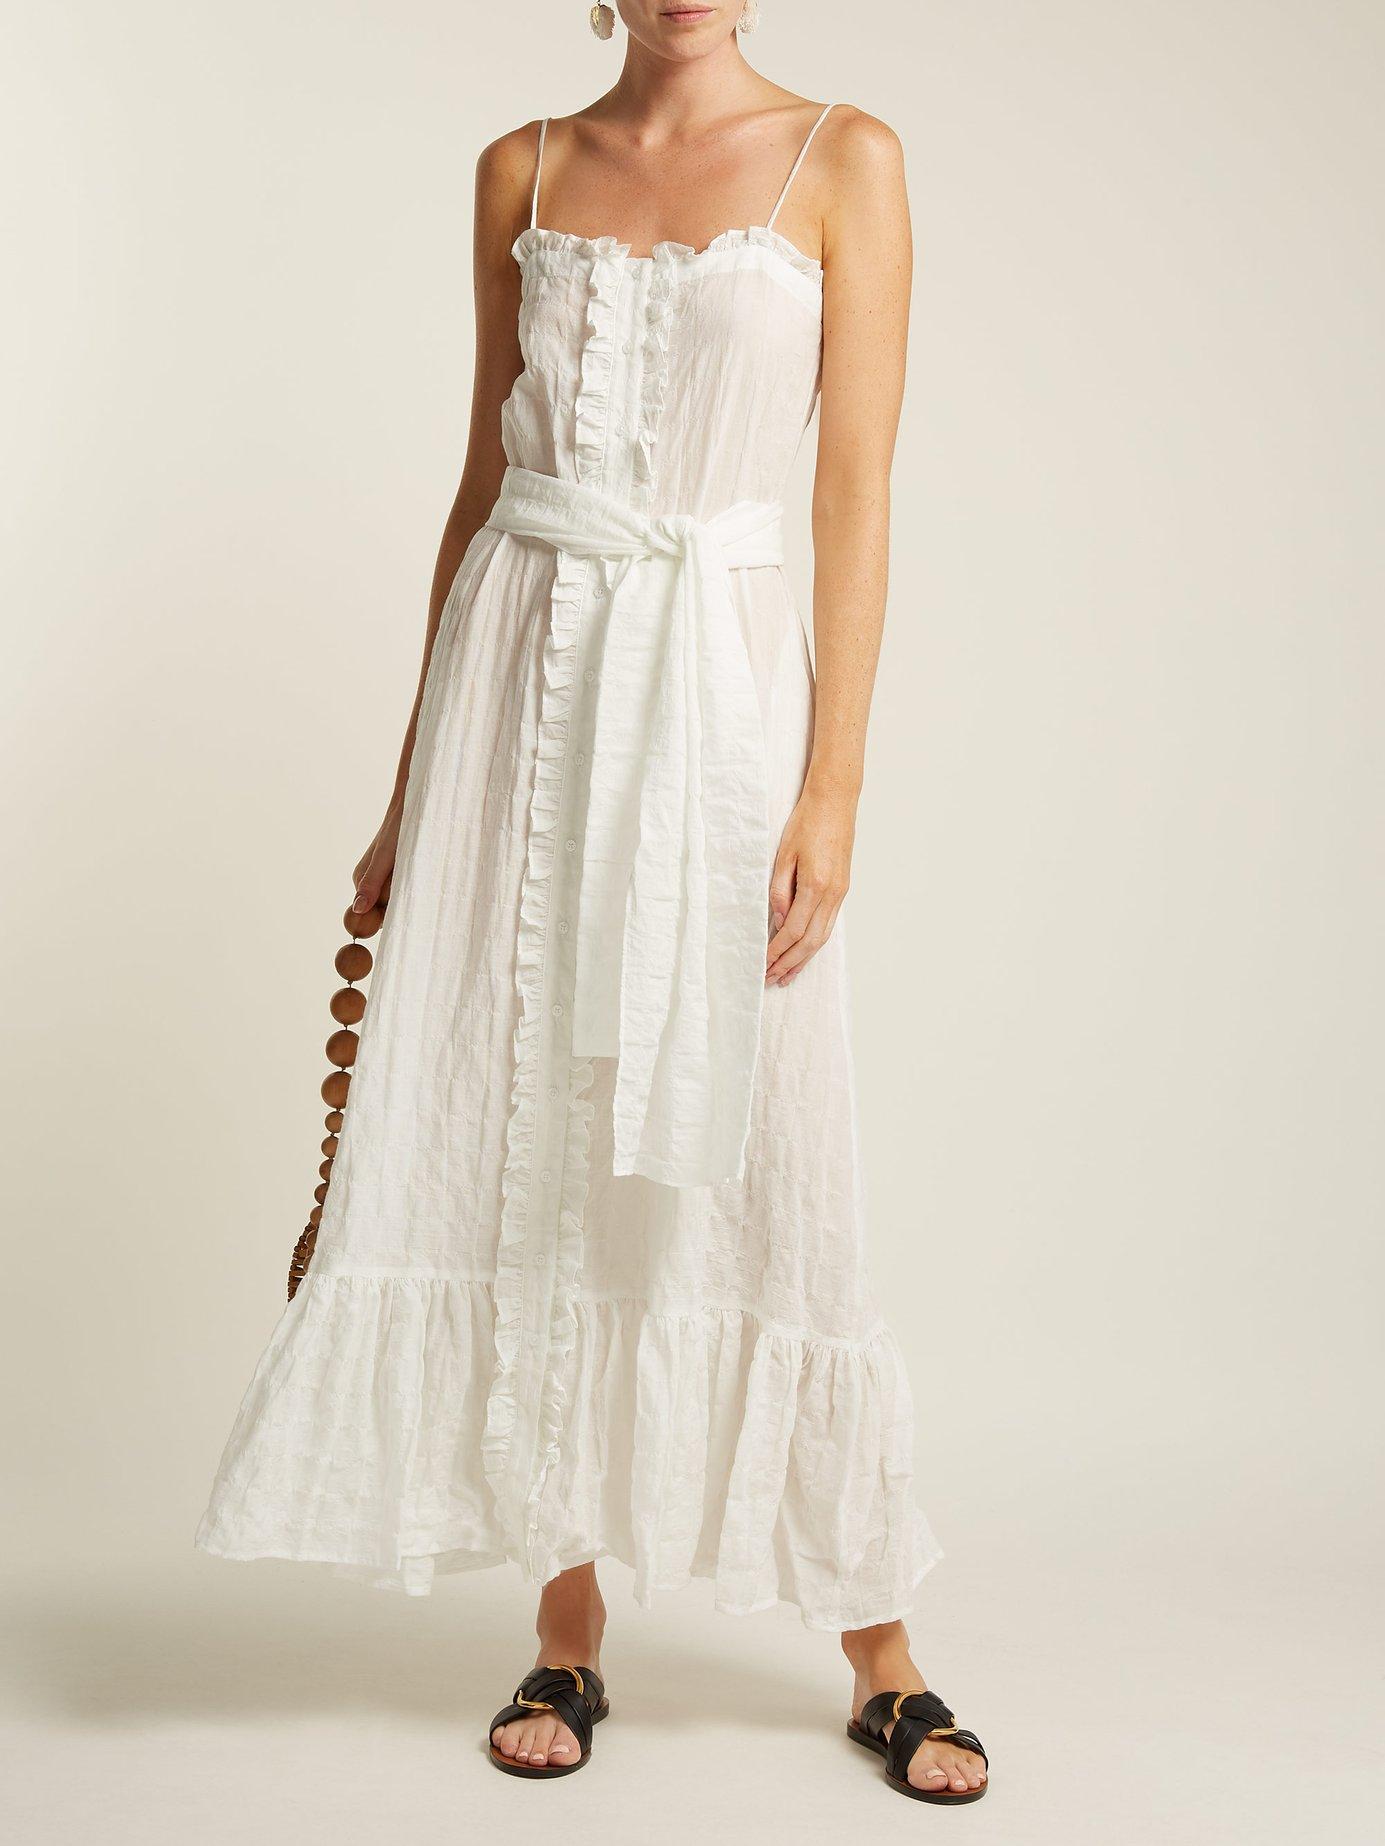 Ruffle-trimmed seersucker dress by Lisa Marie Fernandez